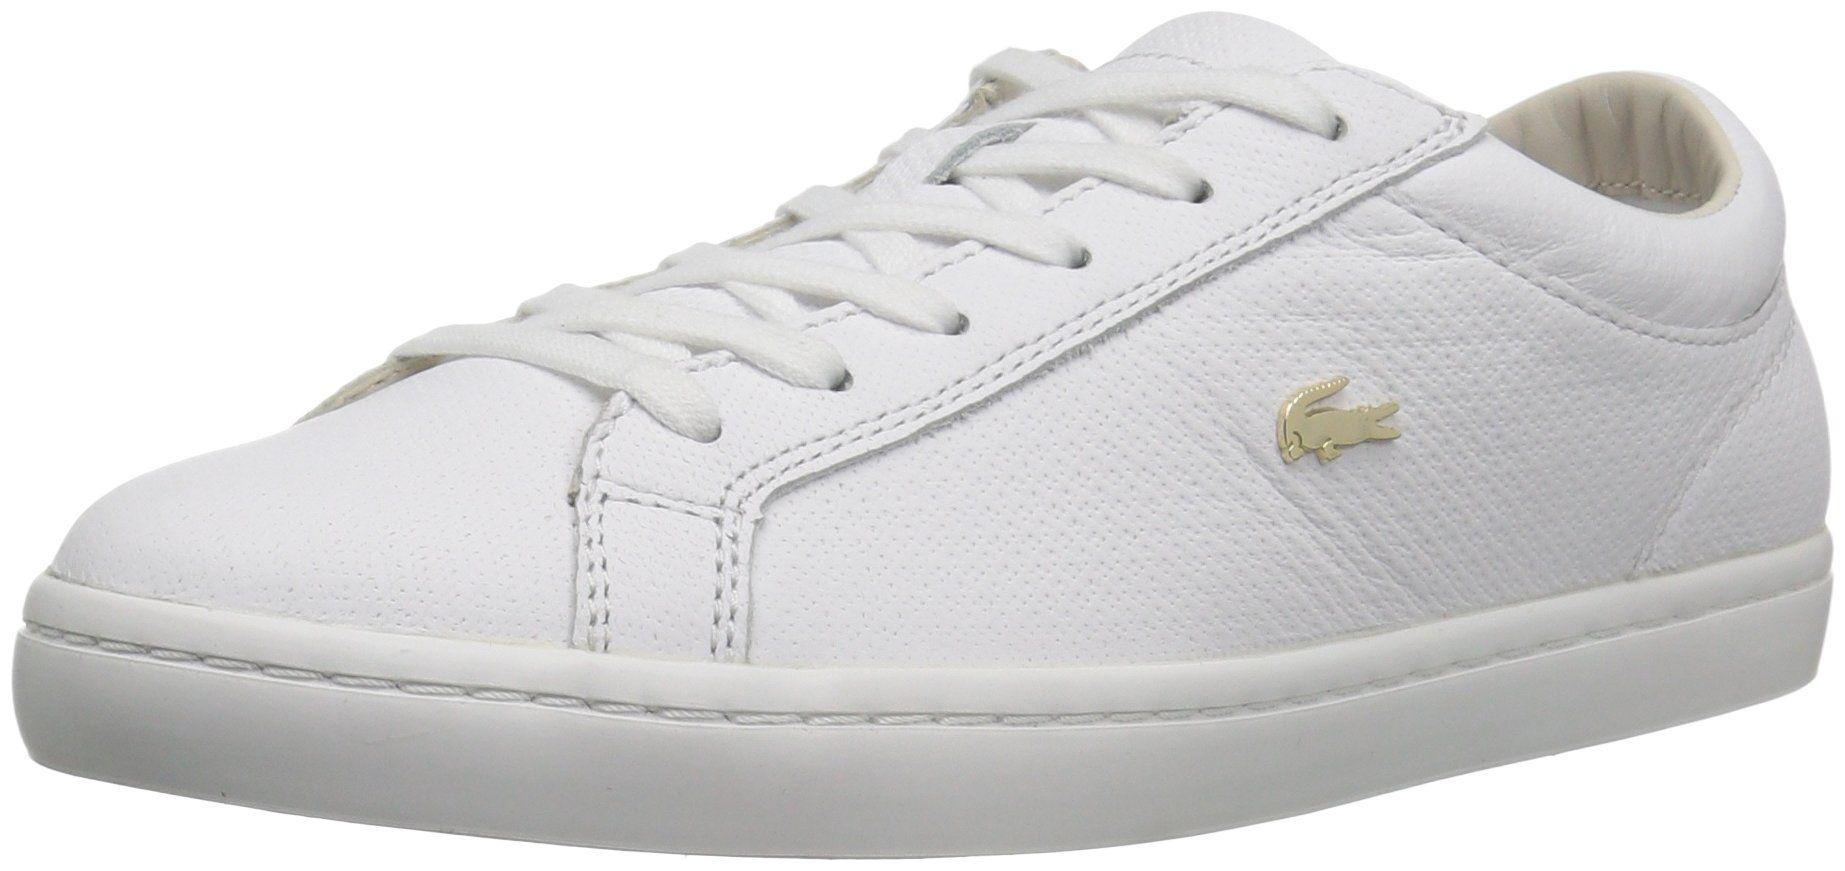 Caw Wht Fashion Sneaker   Lacoste women